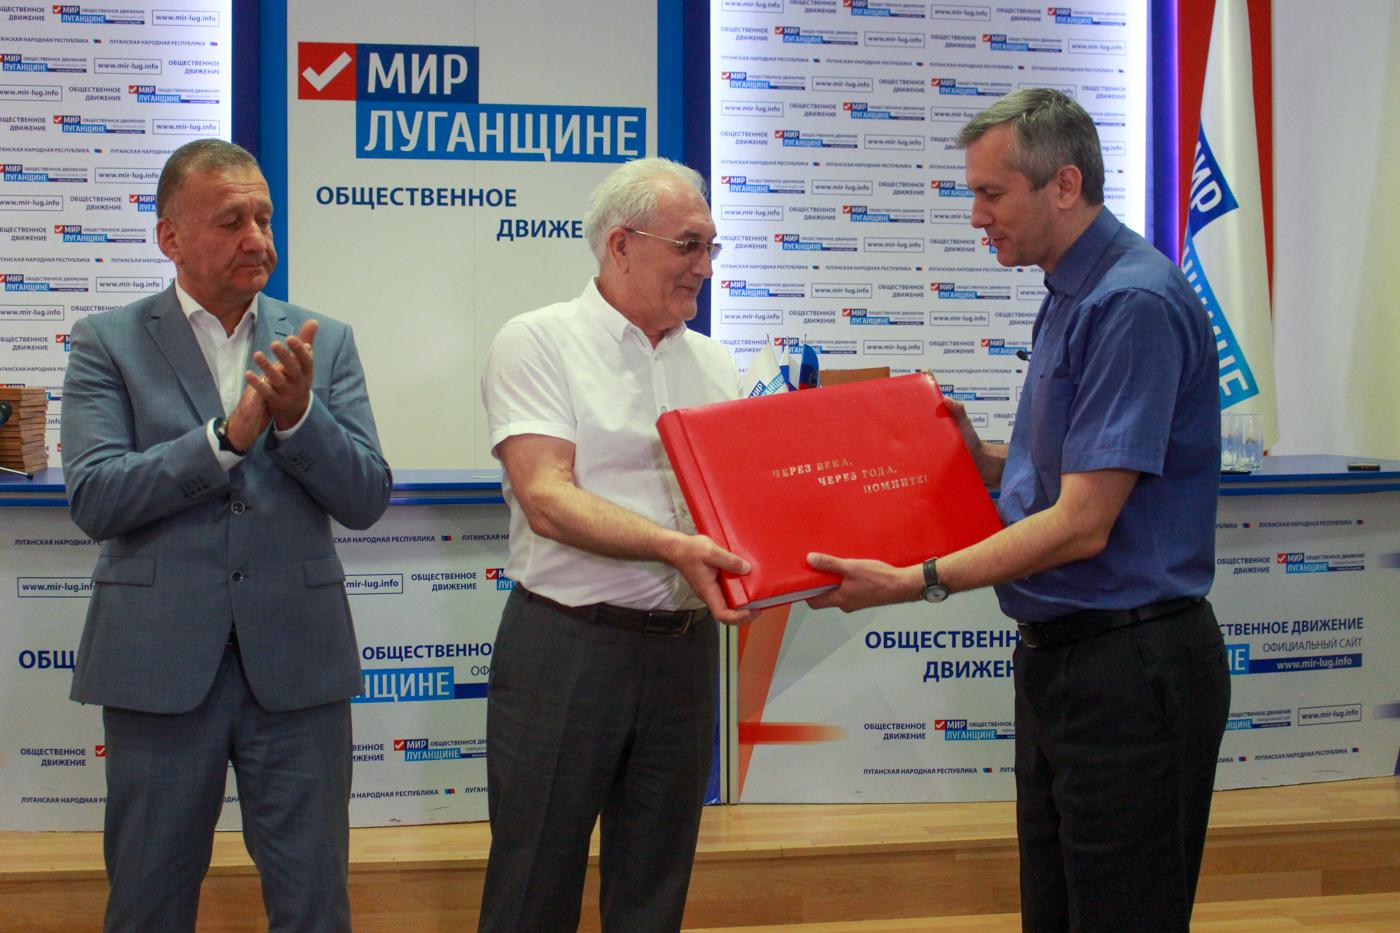 В Луганске подвели итоги республиканской акции «Эстафета Победы»